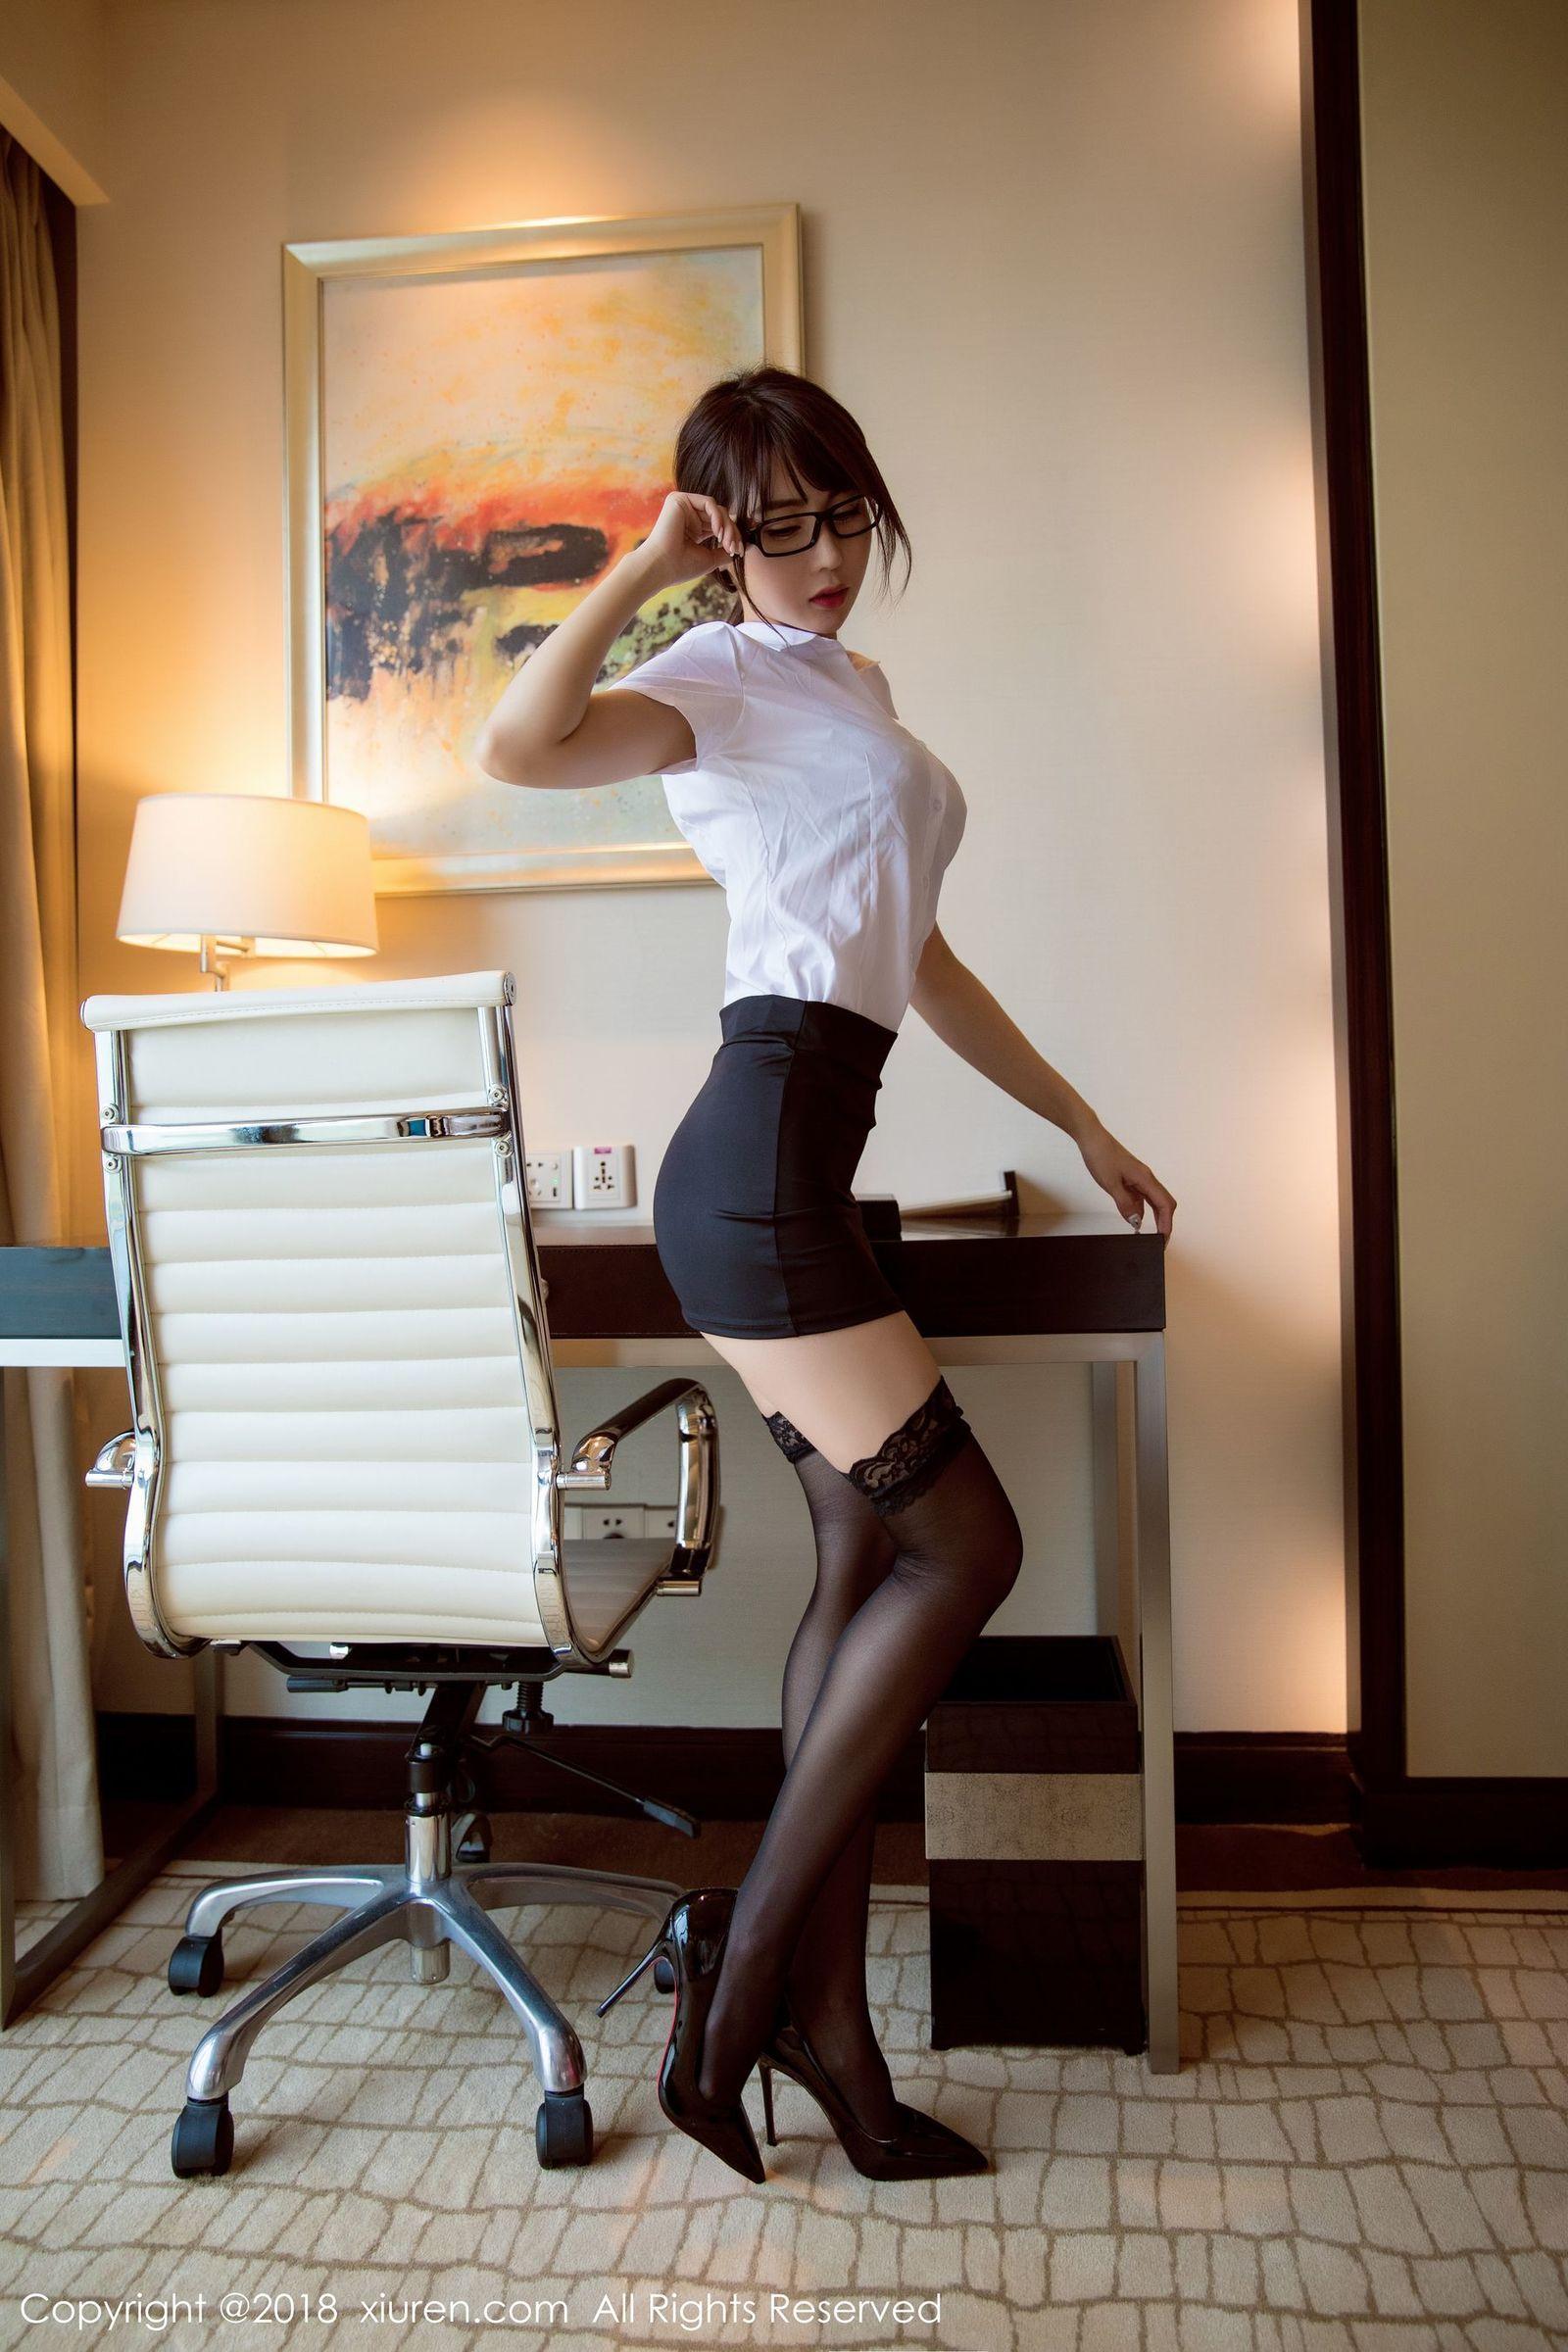 4MIDE-490眼镜美女模特白沫职场OL丝袜美腿诱惑图